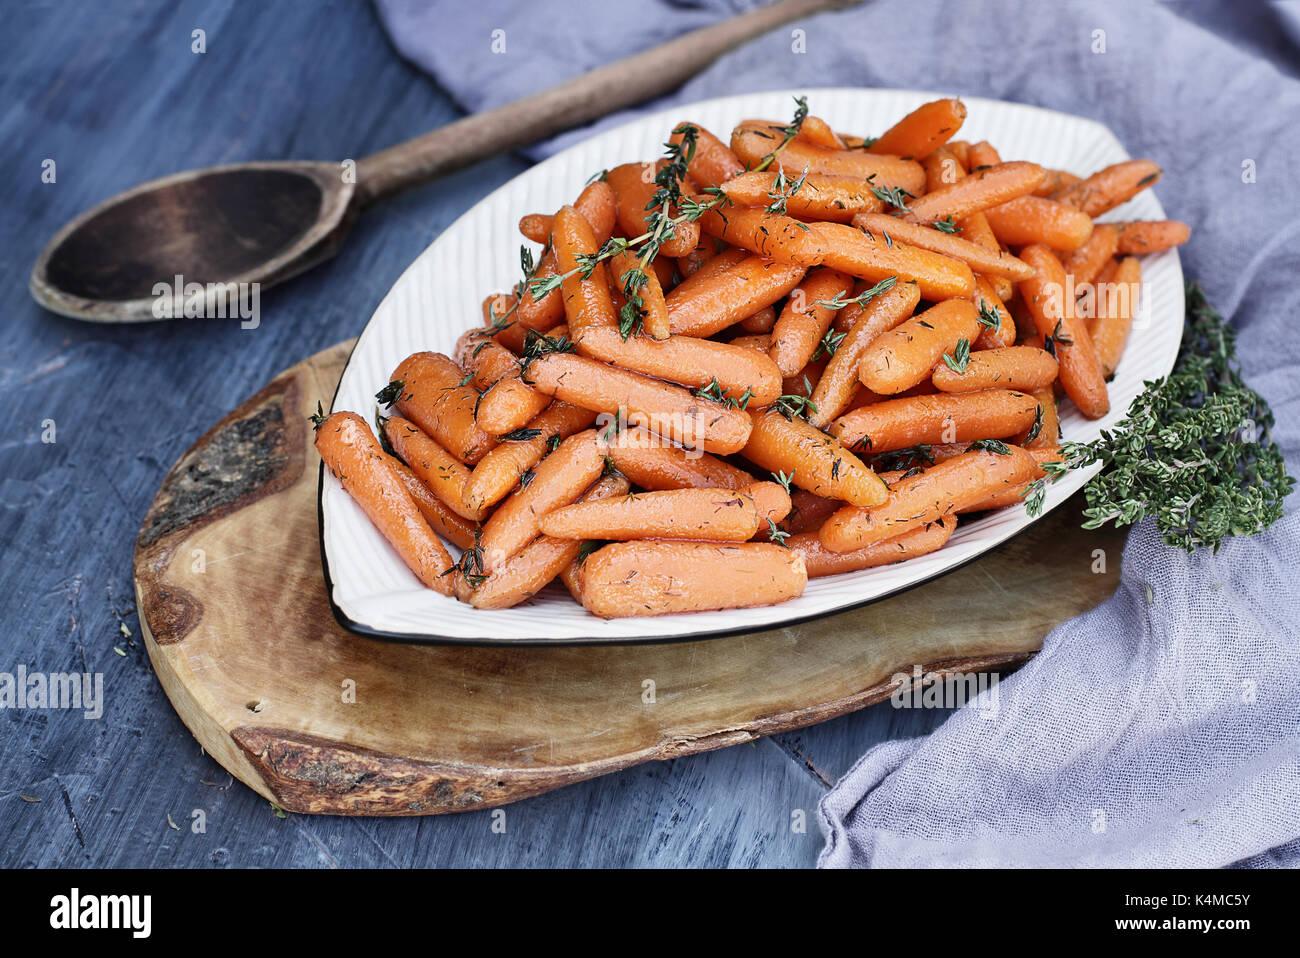 Honig glasierte Karotten mit einem alten rustikalen hölzernen Löffel und Thymian. Extrem flache Tiefenschärfe mit selektiven Fokus auf Karotten im Vordergrund. Stockbild